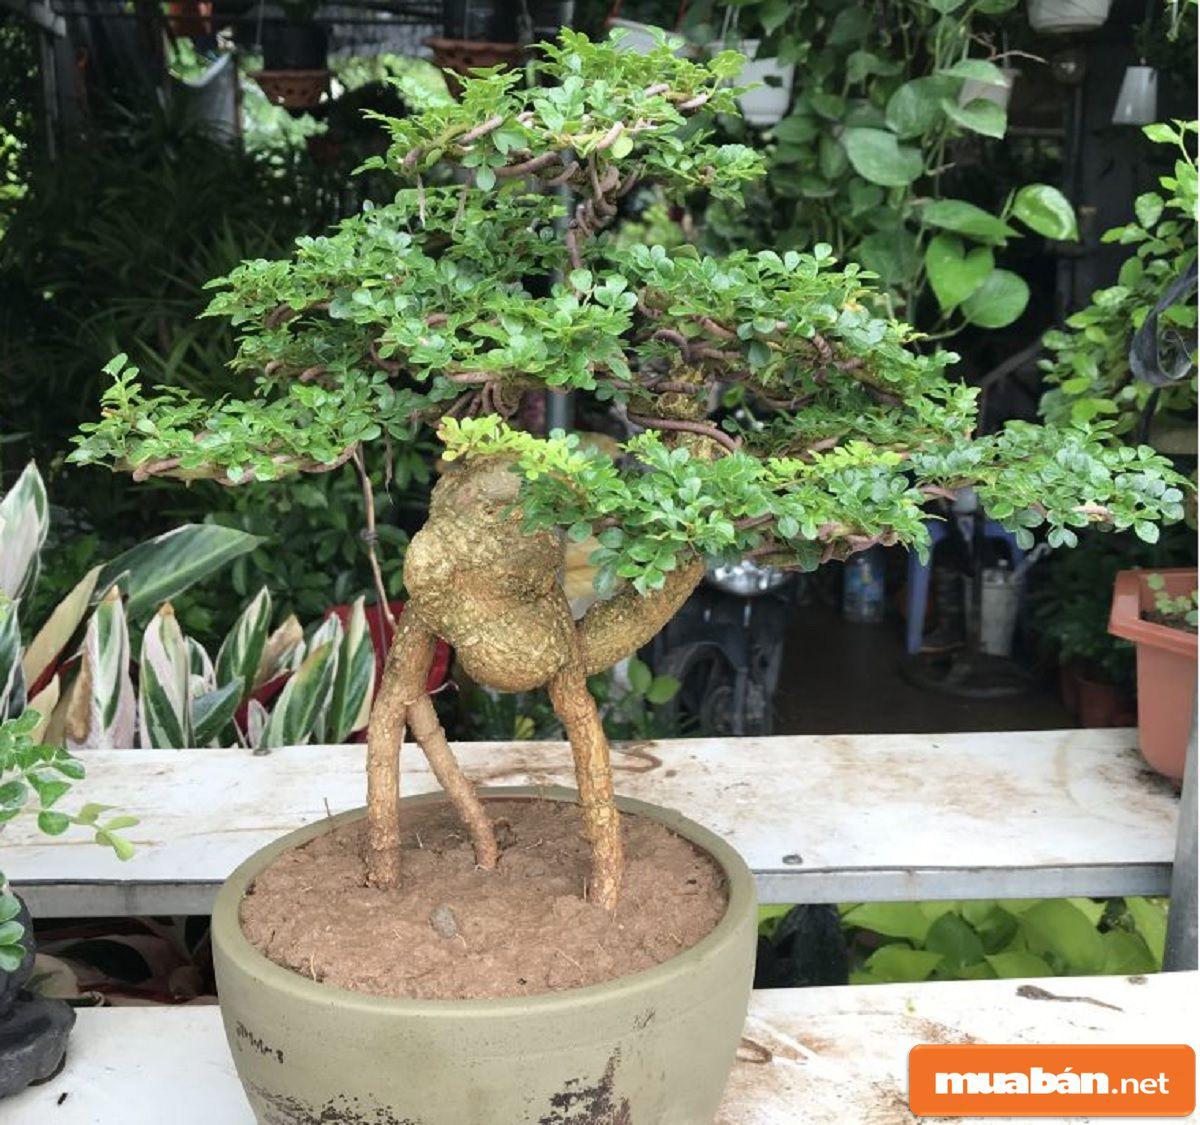 Trong phong thủy, cây này trồng giúp mang nhiều tài lộc, sự thăng tiến trong công việc.